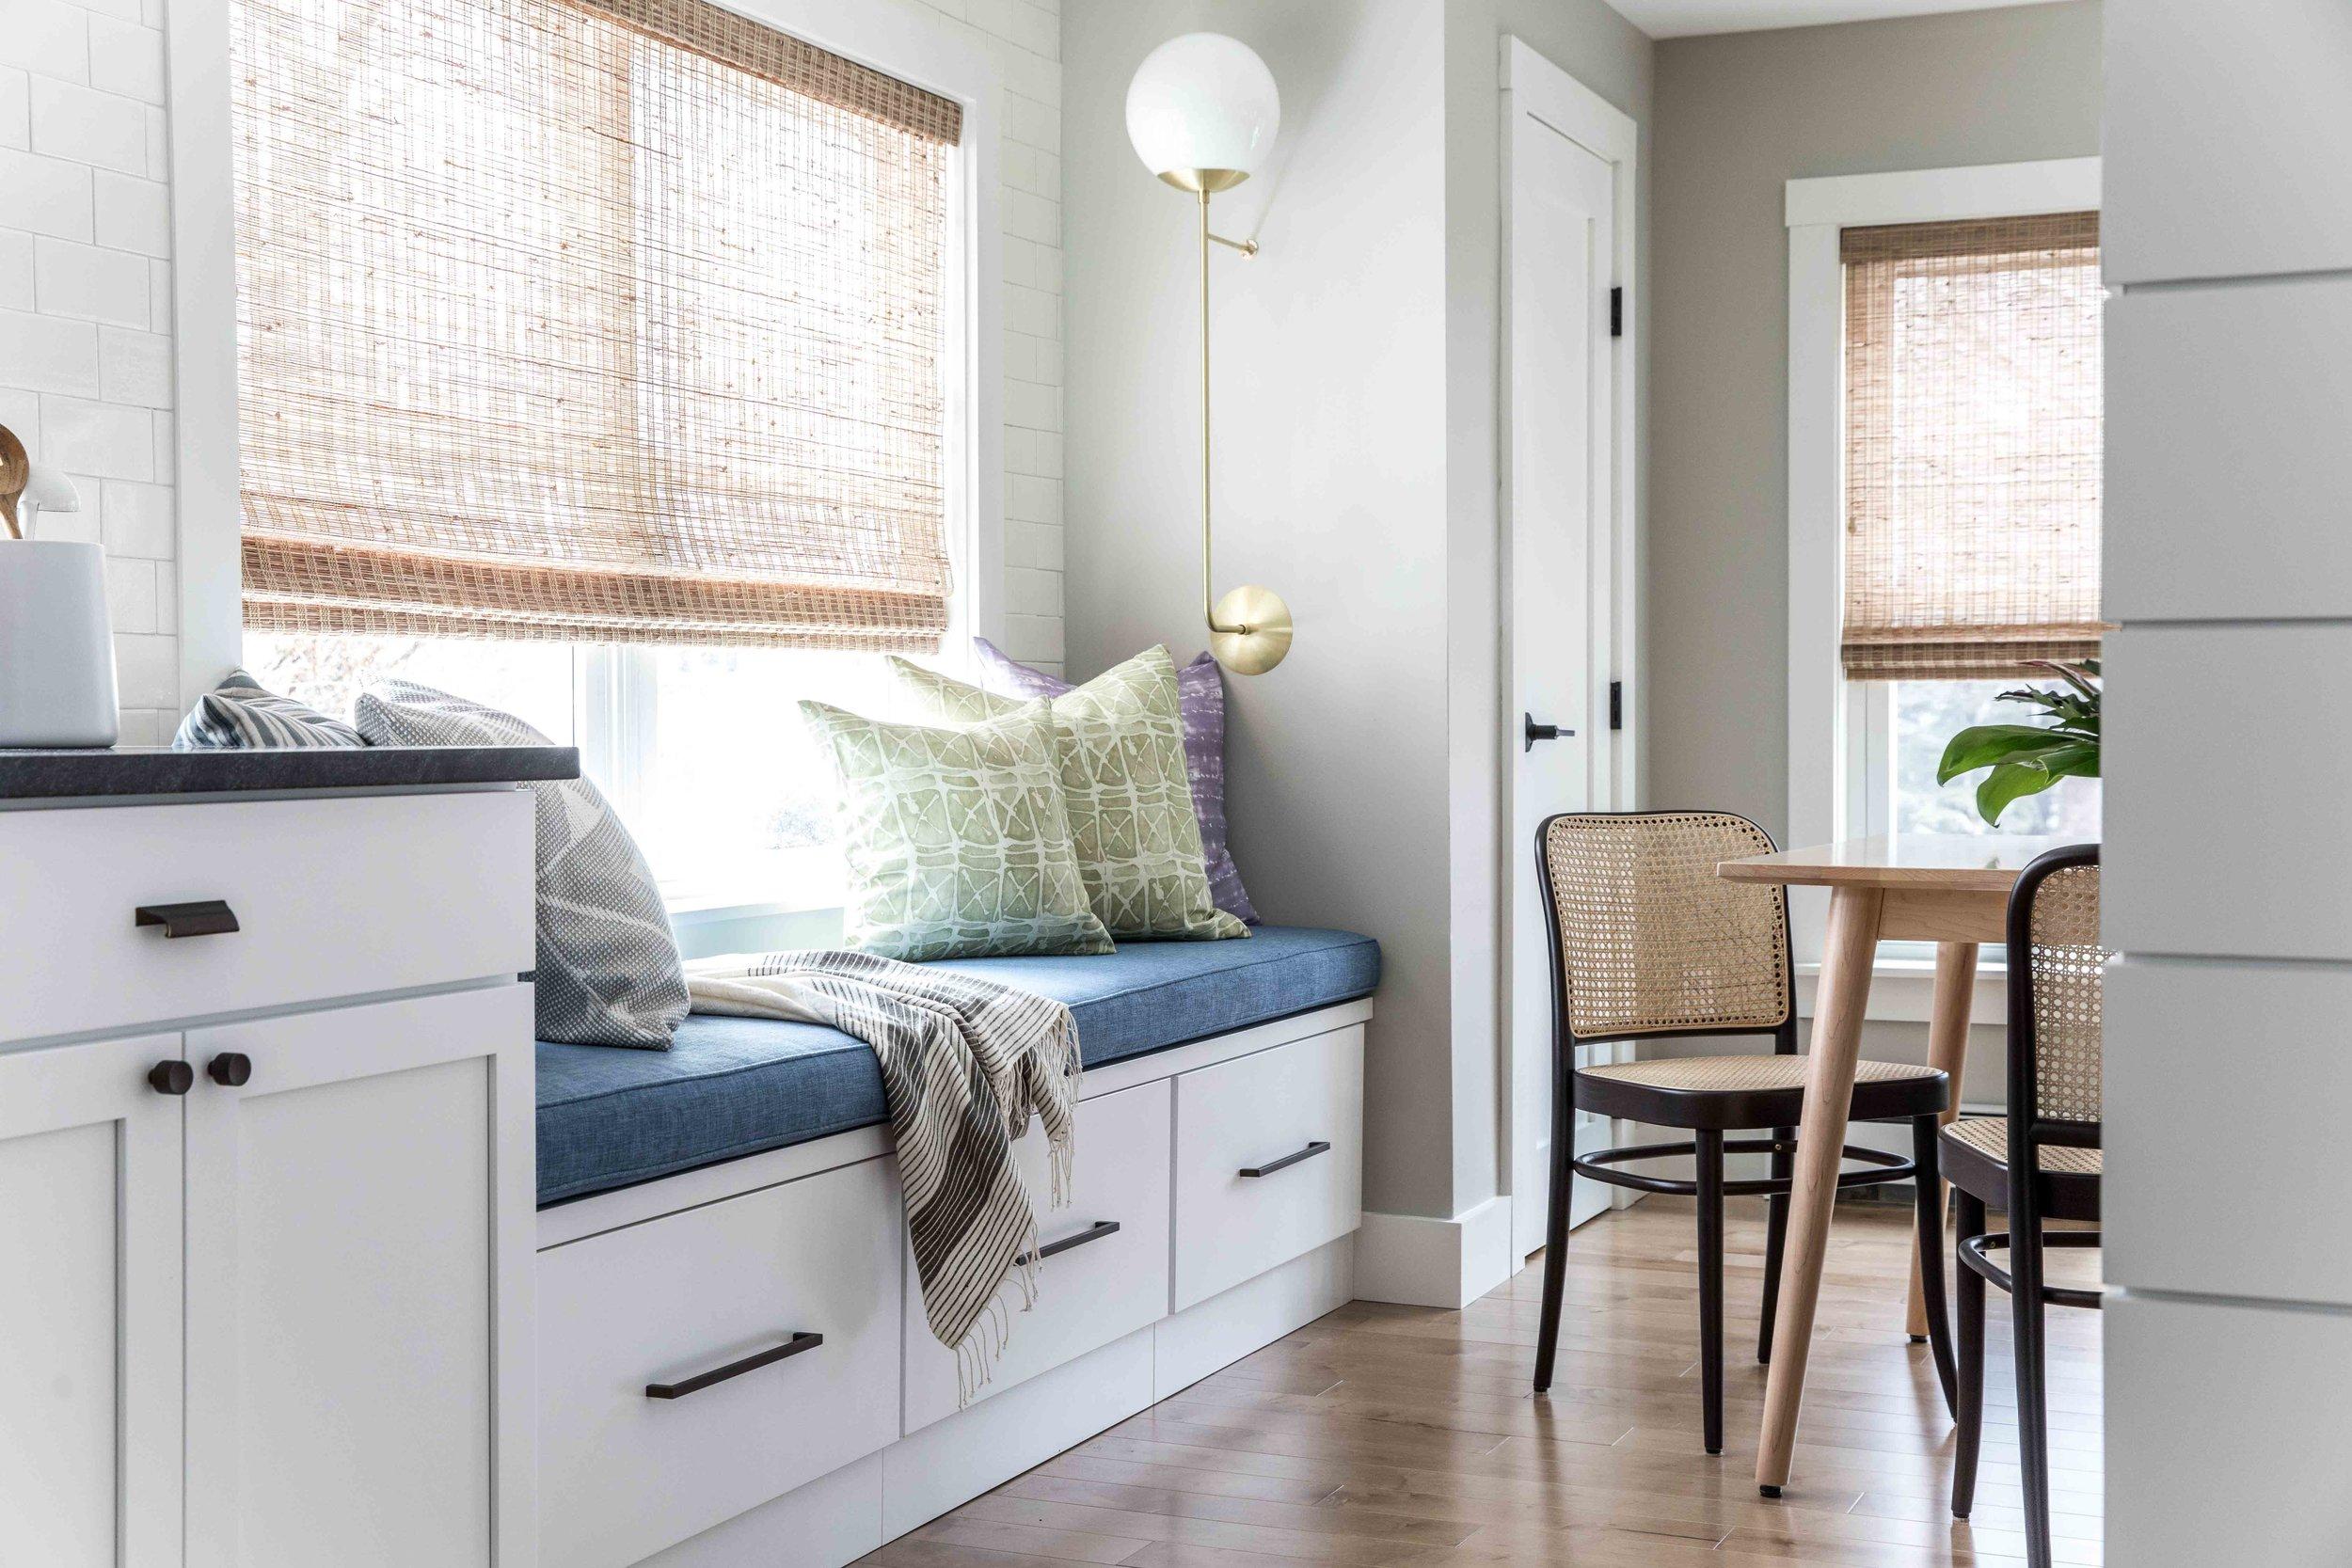 Deering Home Remodel